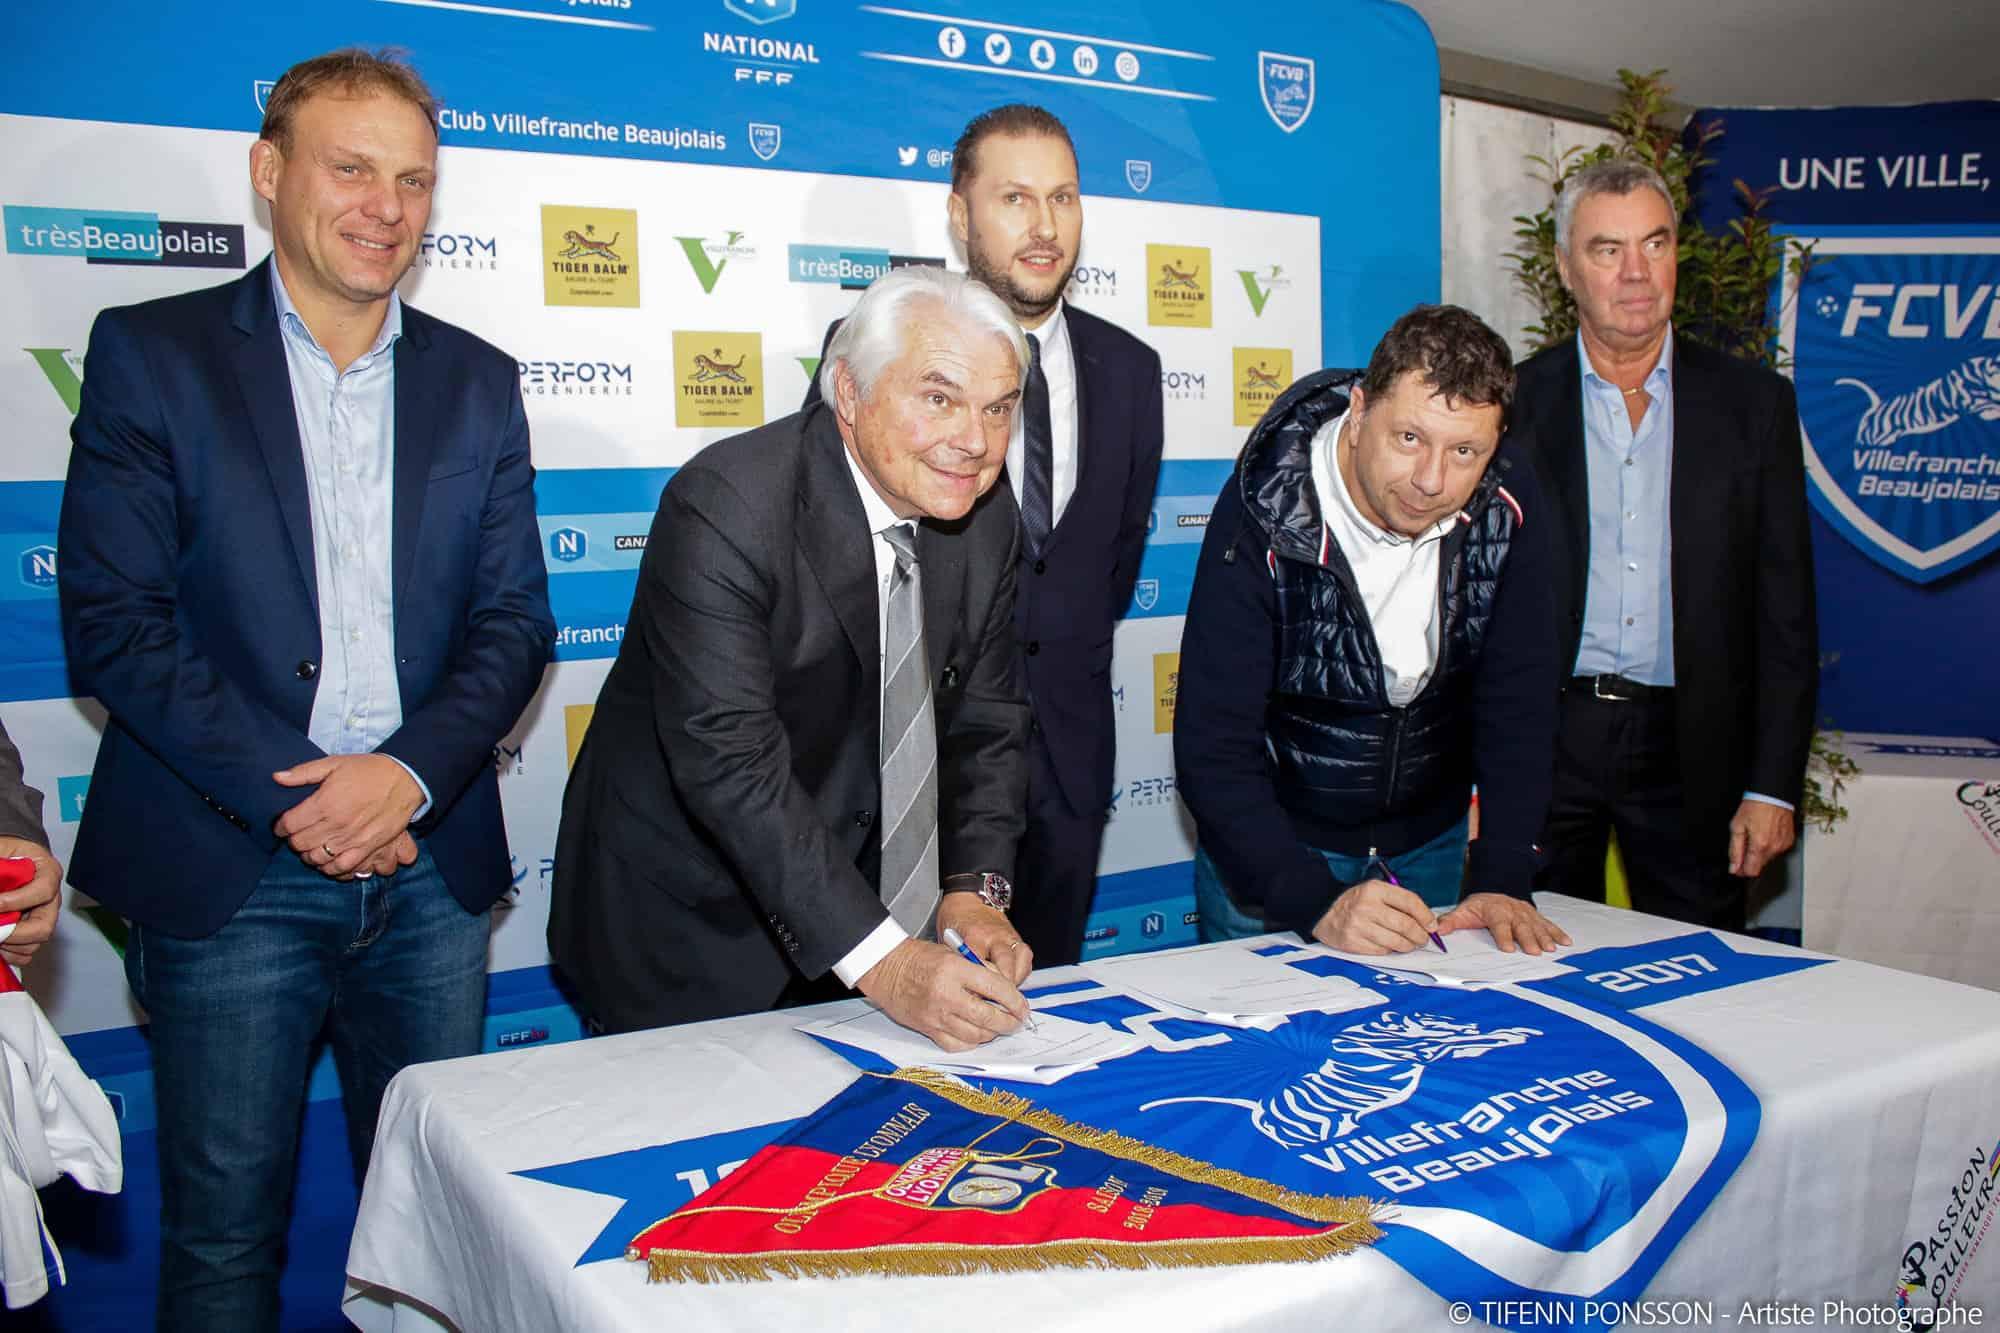 Le Football Club Villefranche Beaujolais officiellement dans le Réseau Sport Excellence de l'Olympique Lyonnais !